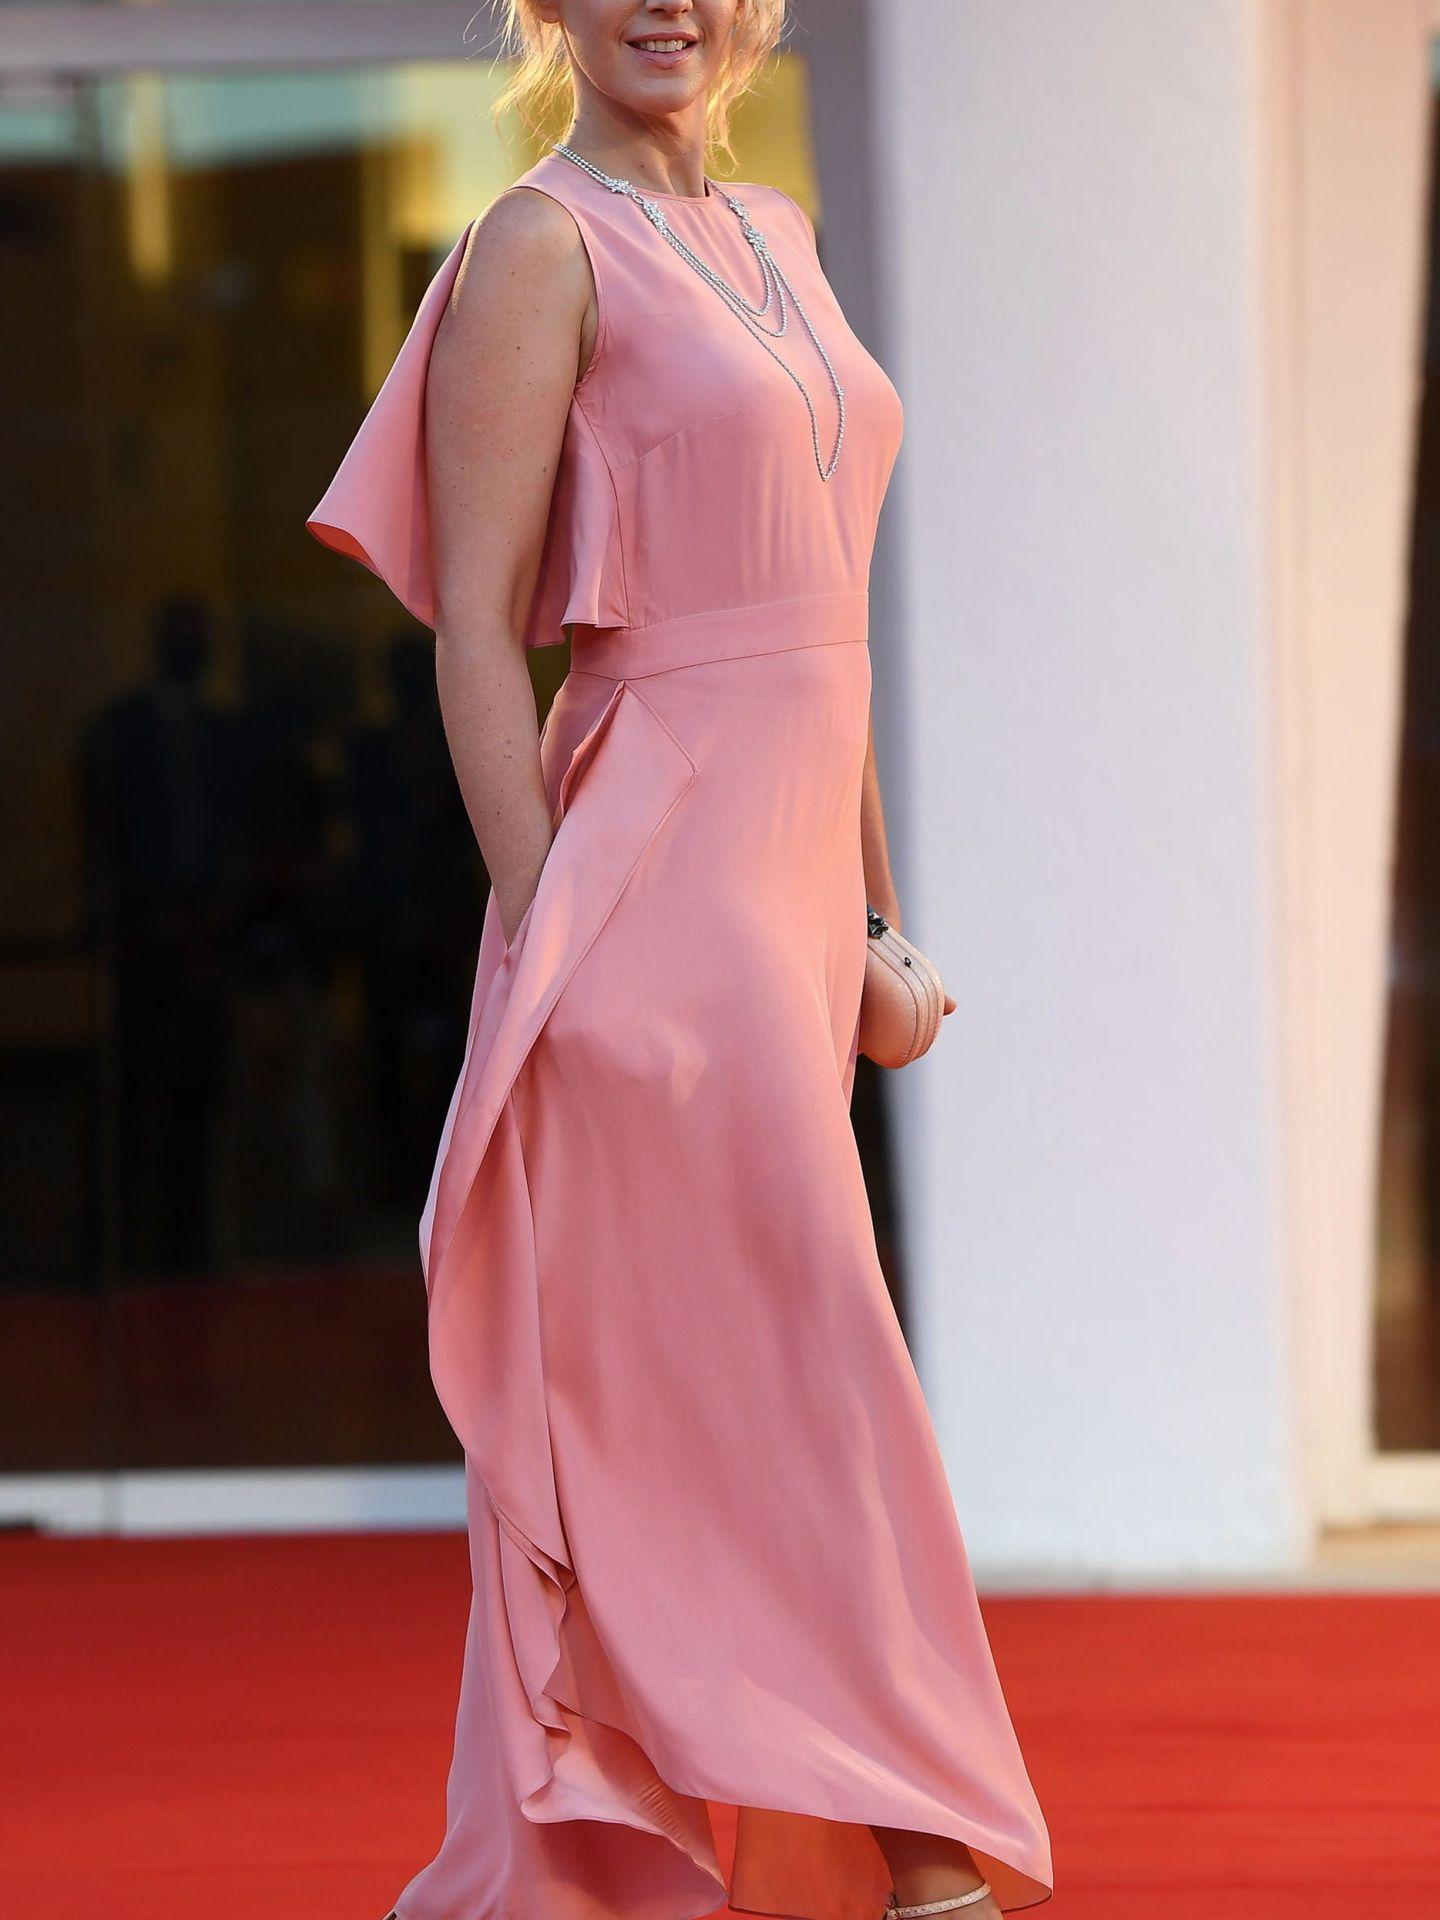 Ludivine Sagnier, en la presentación de 'Amants (Lovers)' con un vestido de raso en color rosa. (EFE)